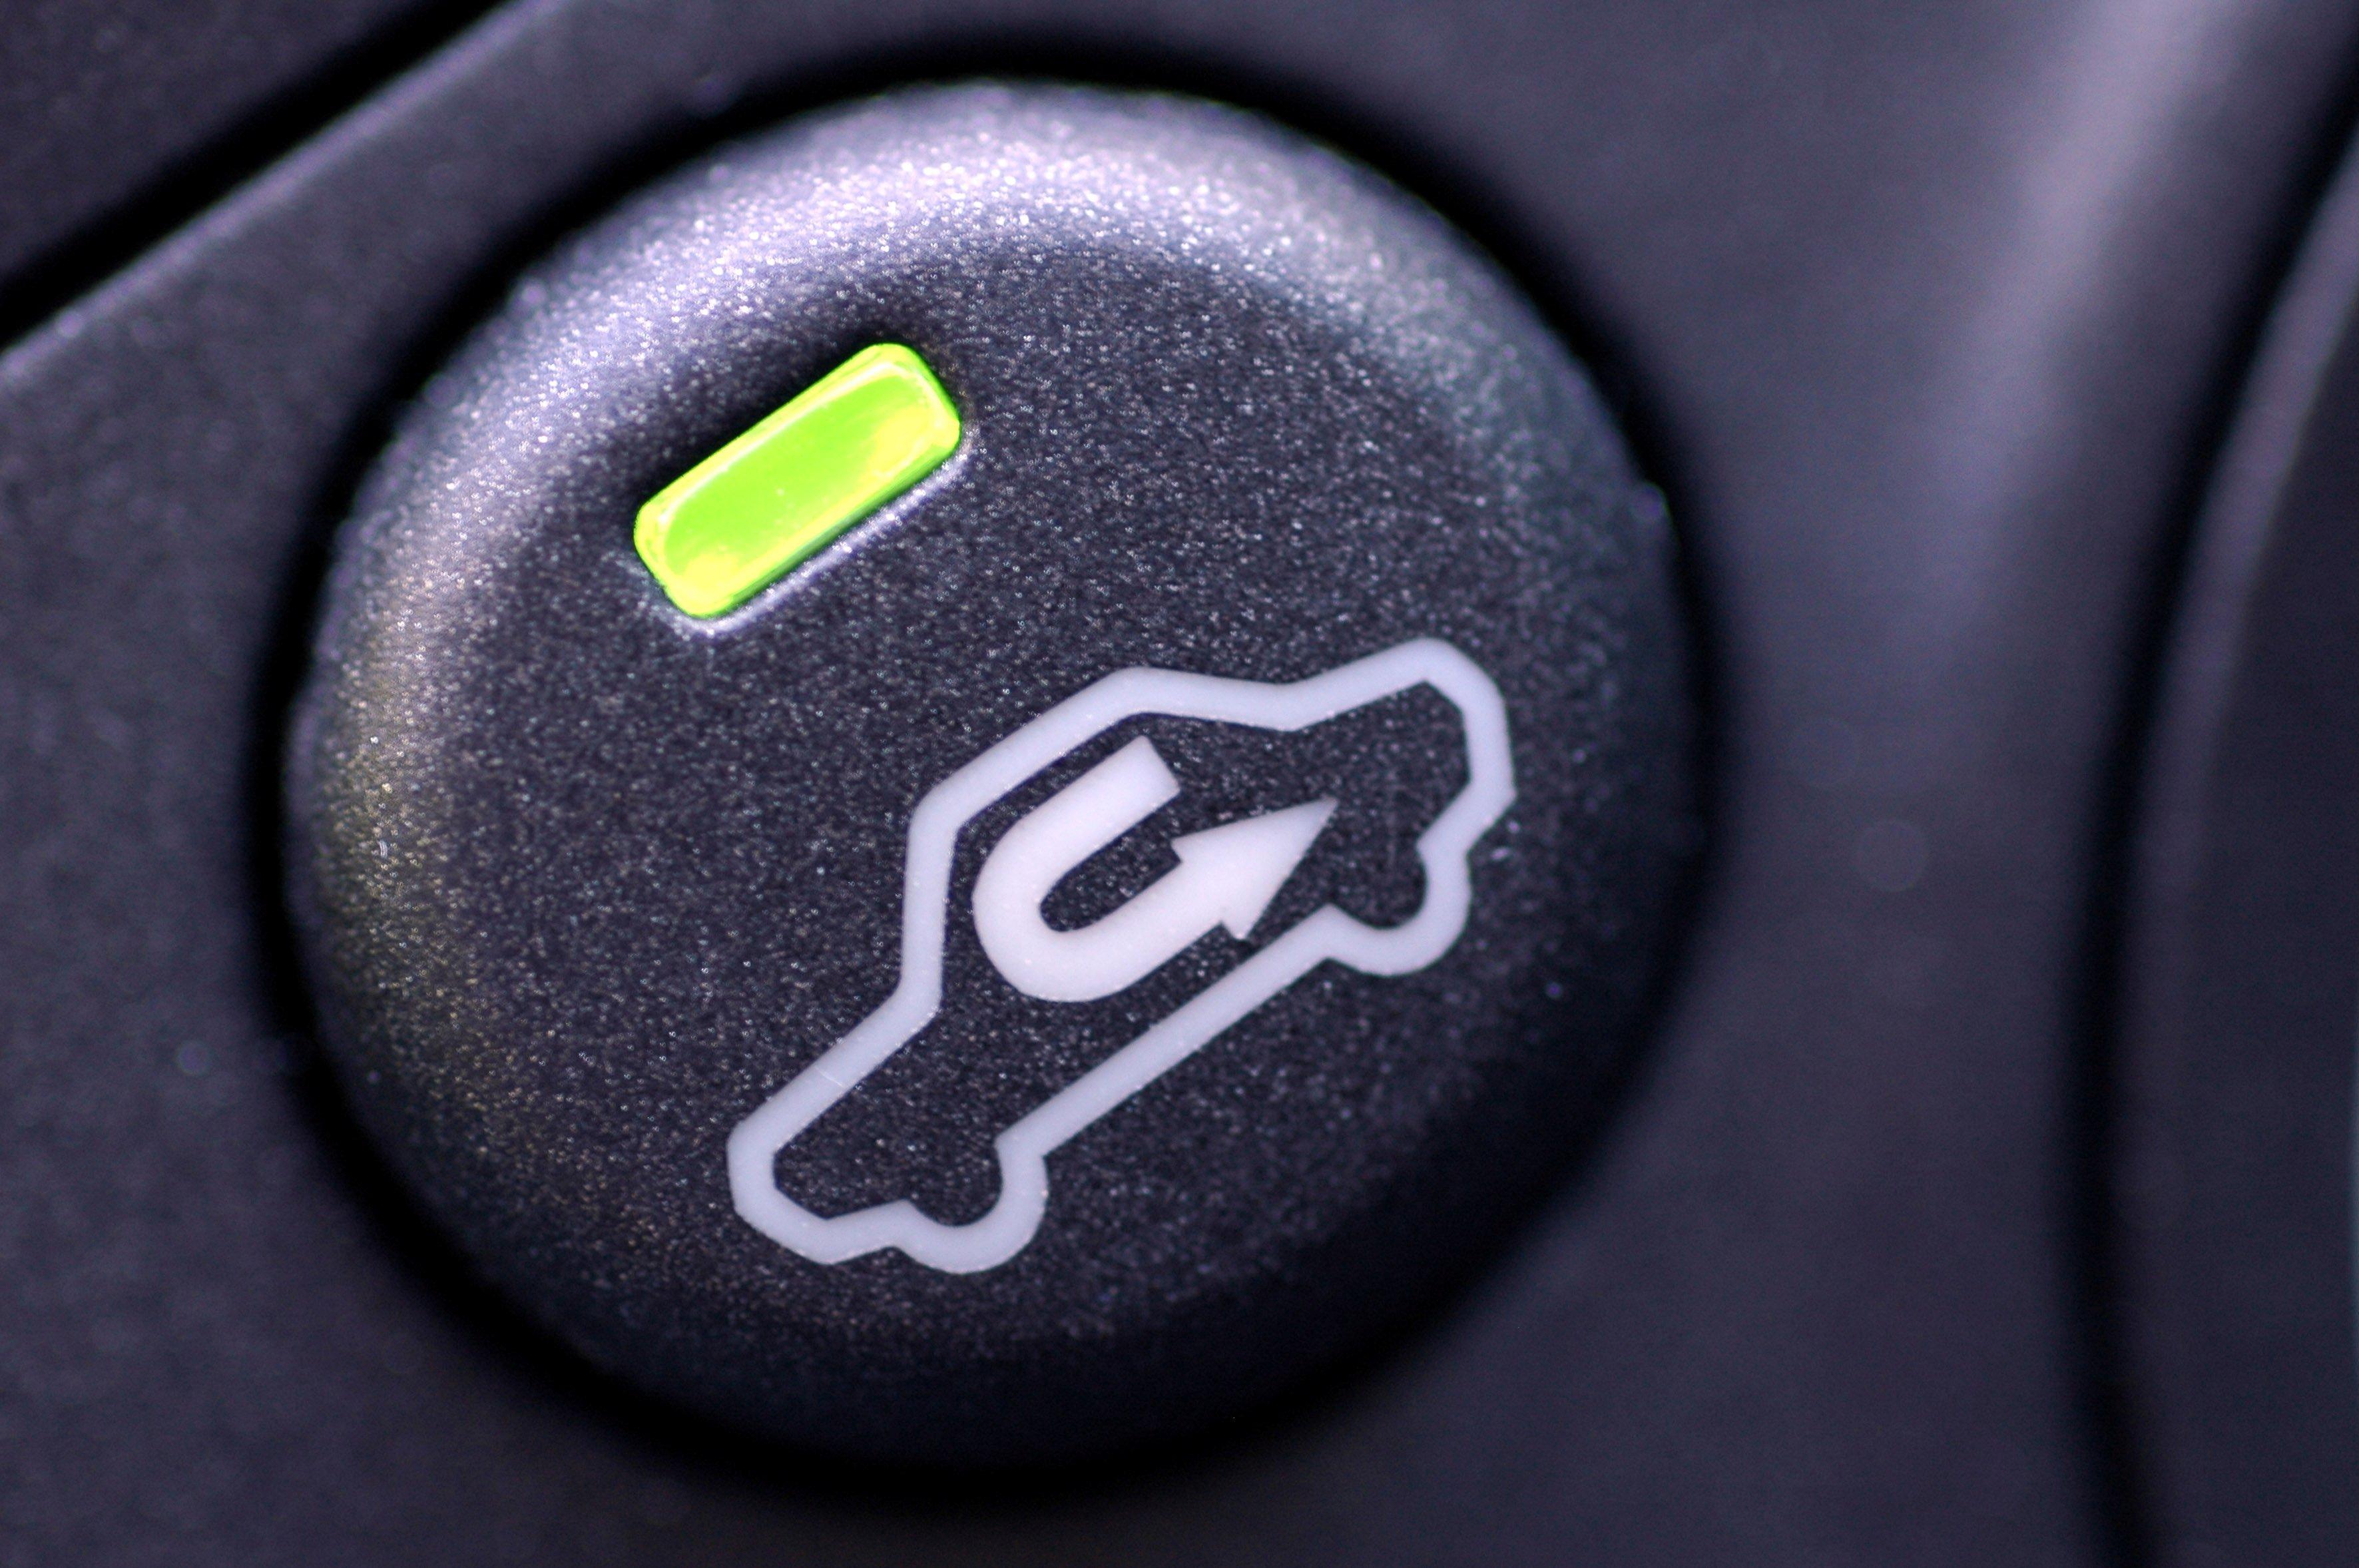 Тест: зачем в автомобиле эти странные кнопки — угадает далеко не каждый